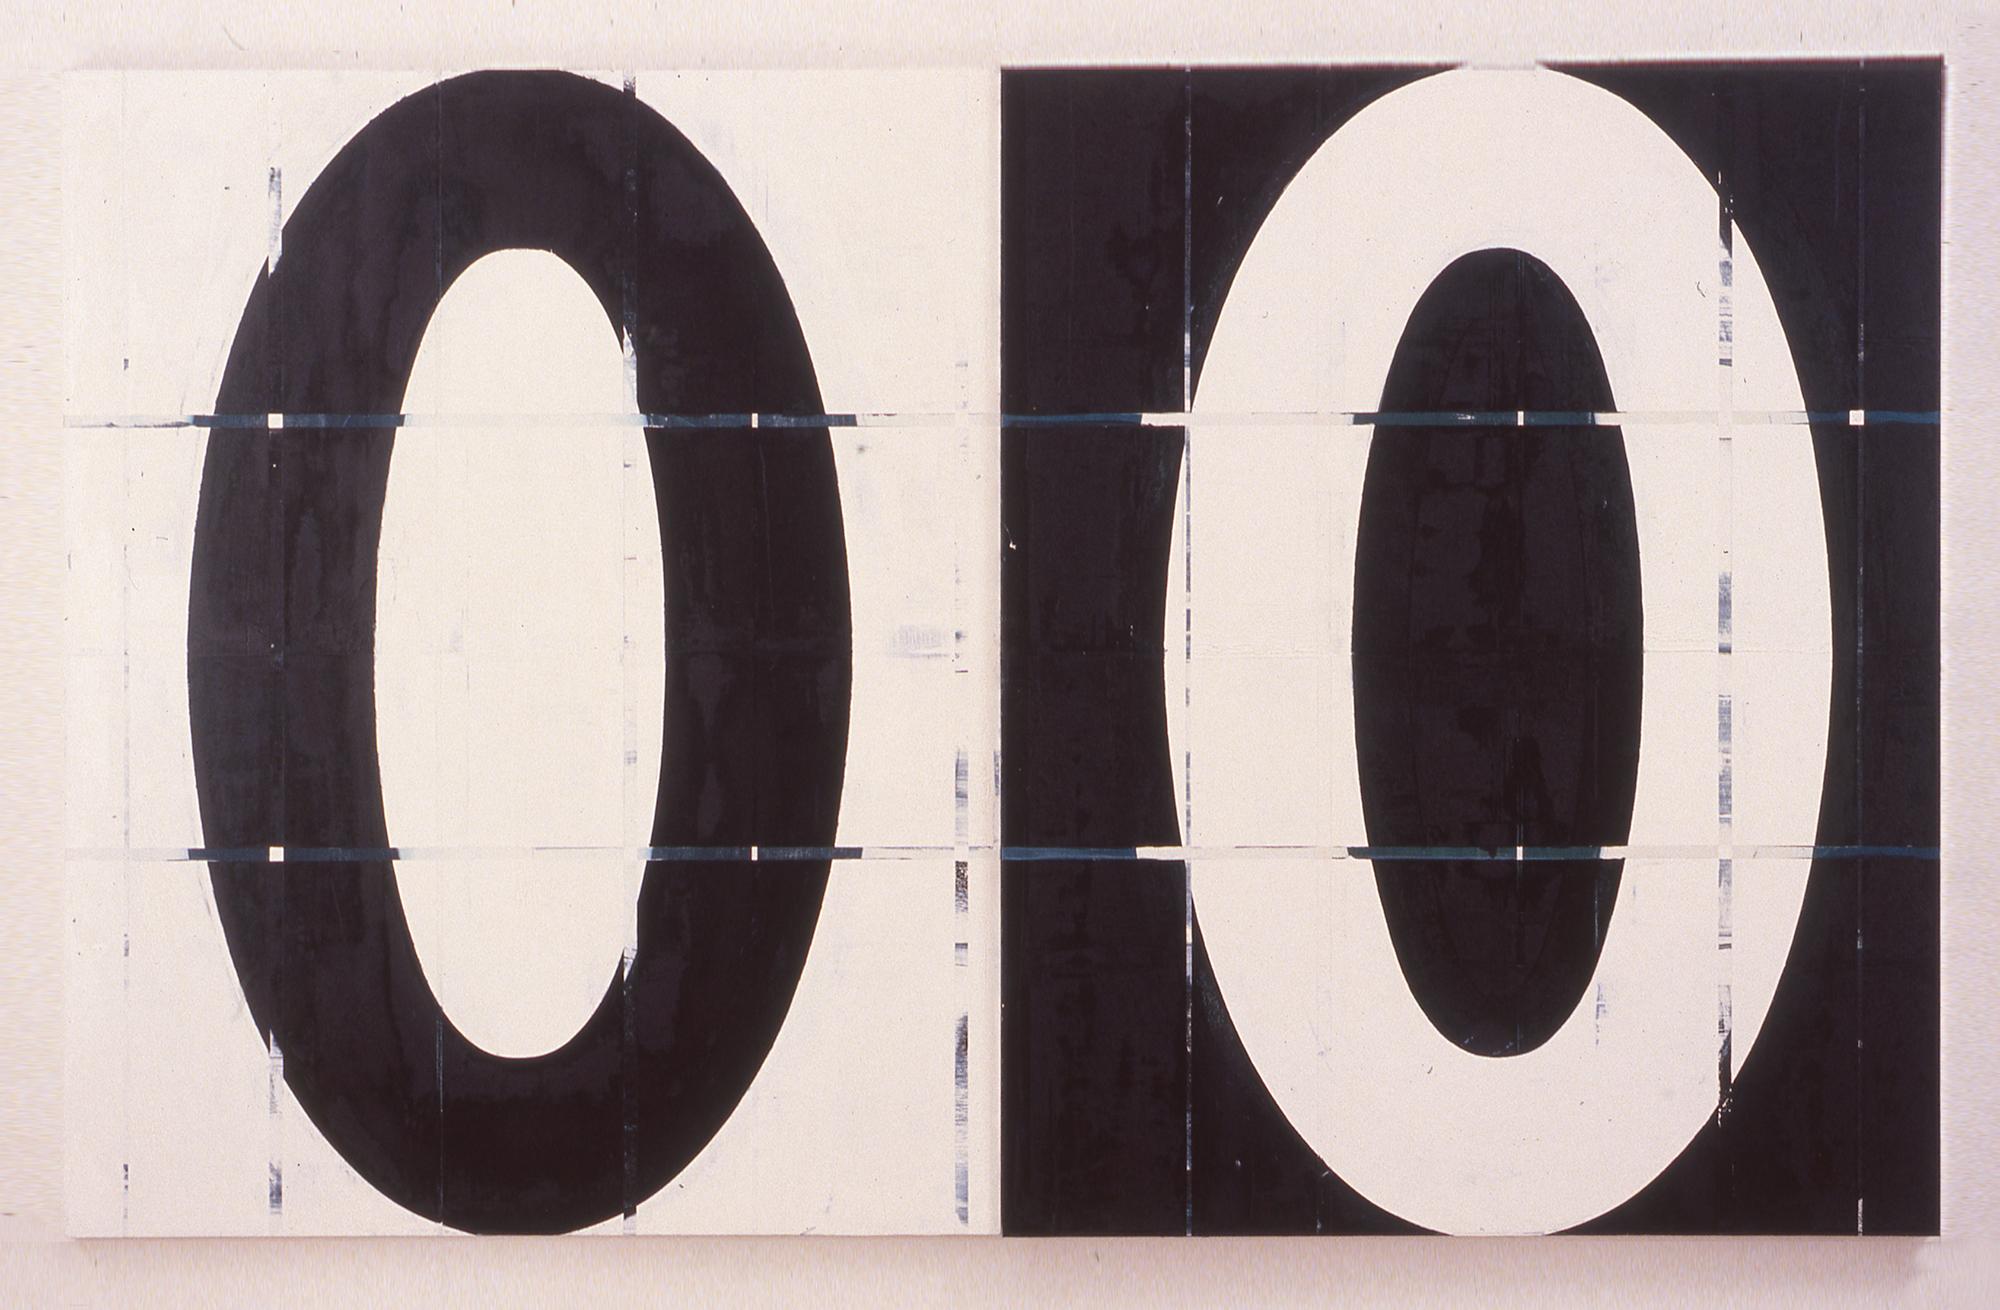 David Row - Nine Below Zero